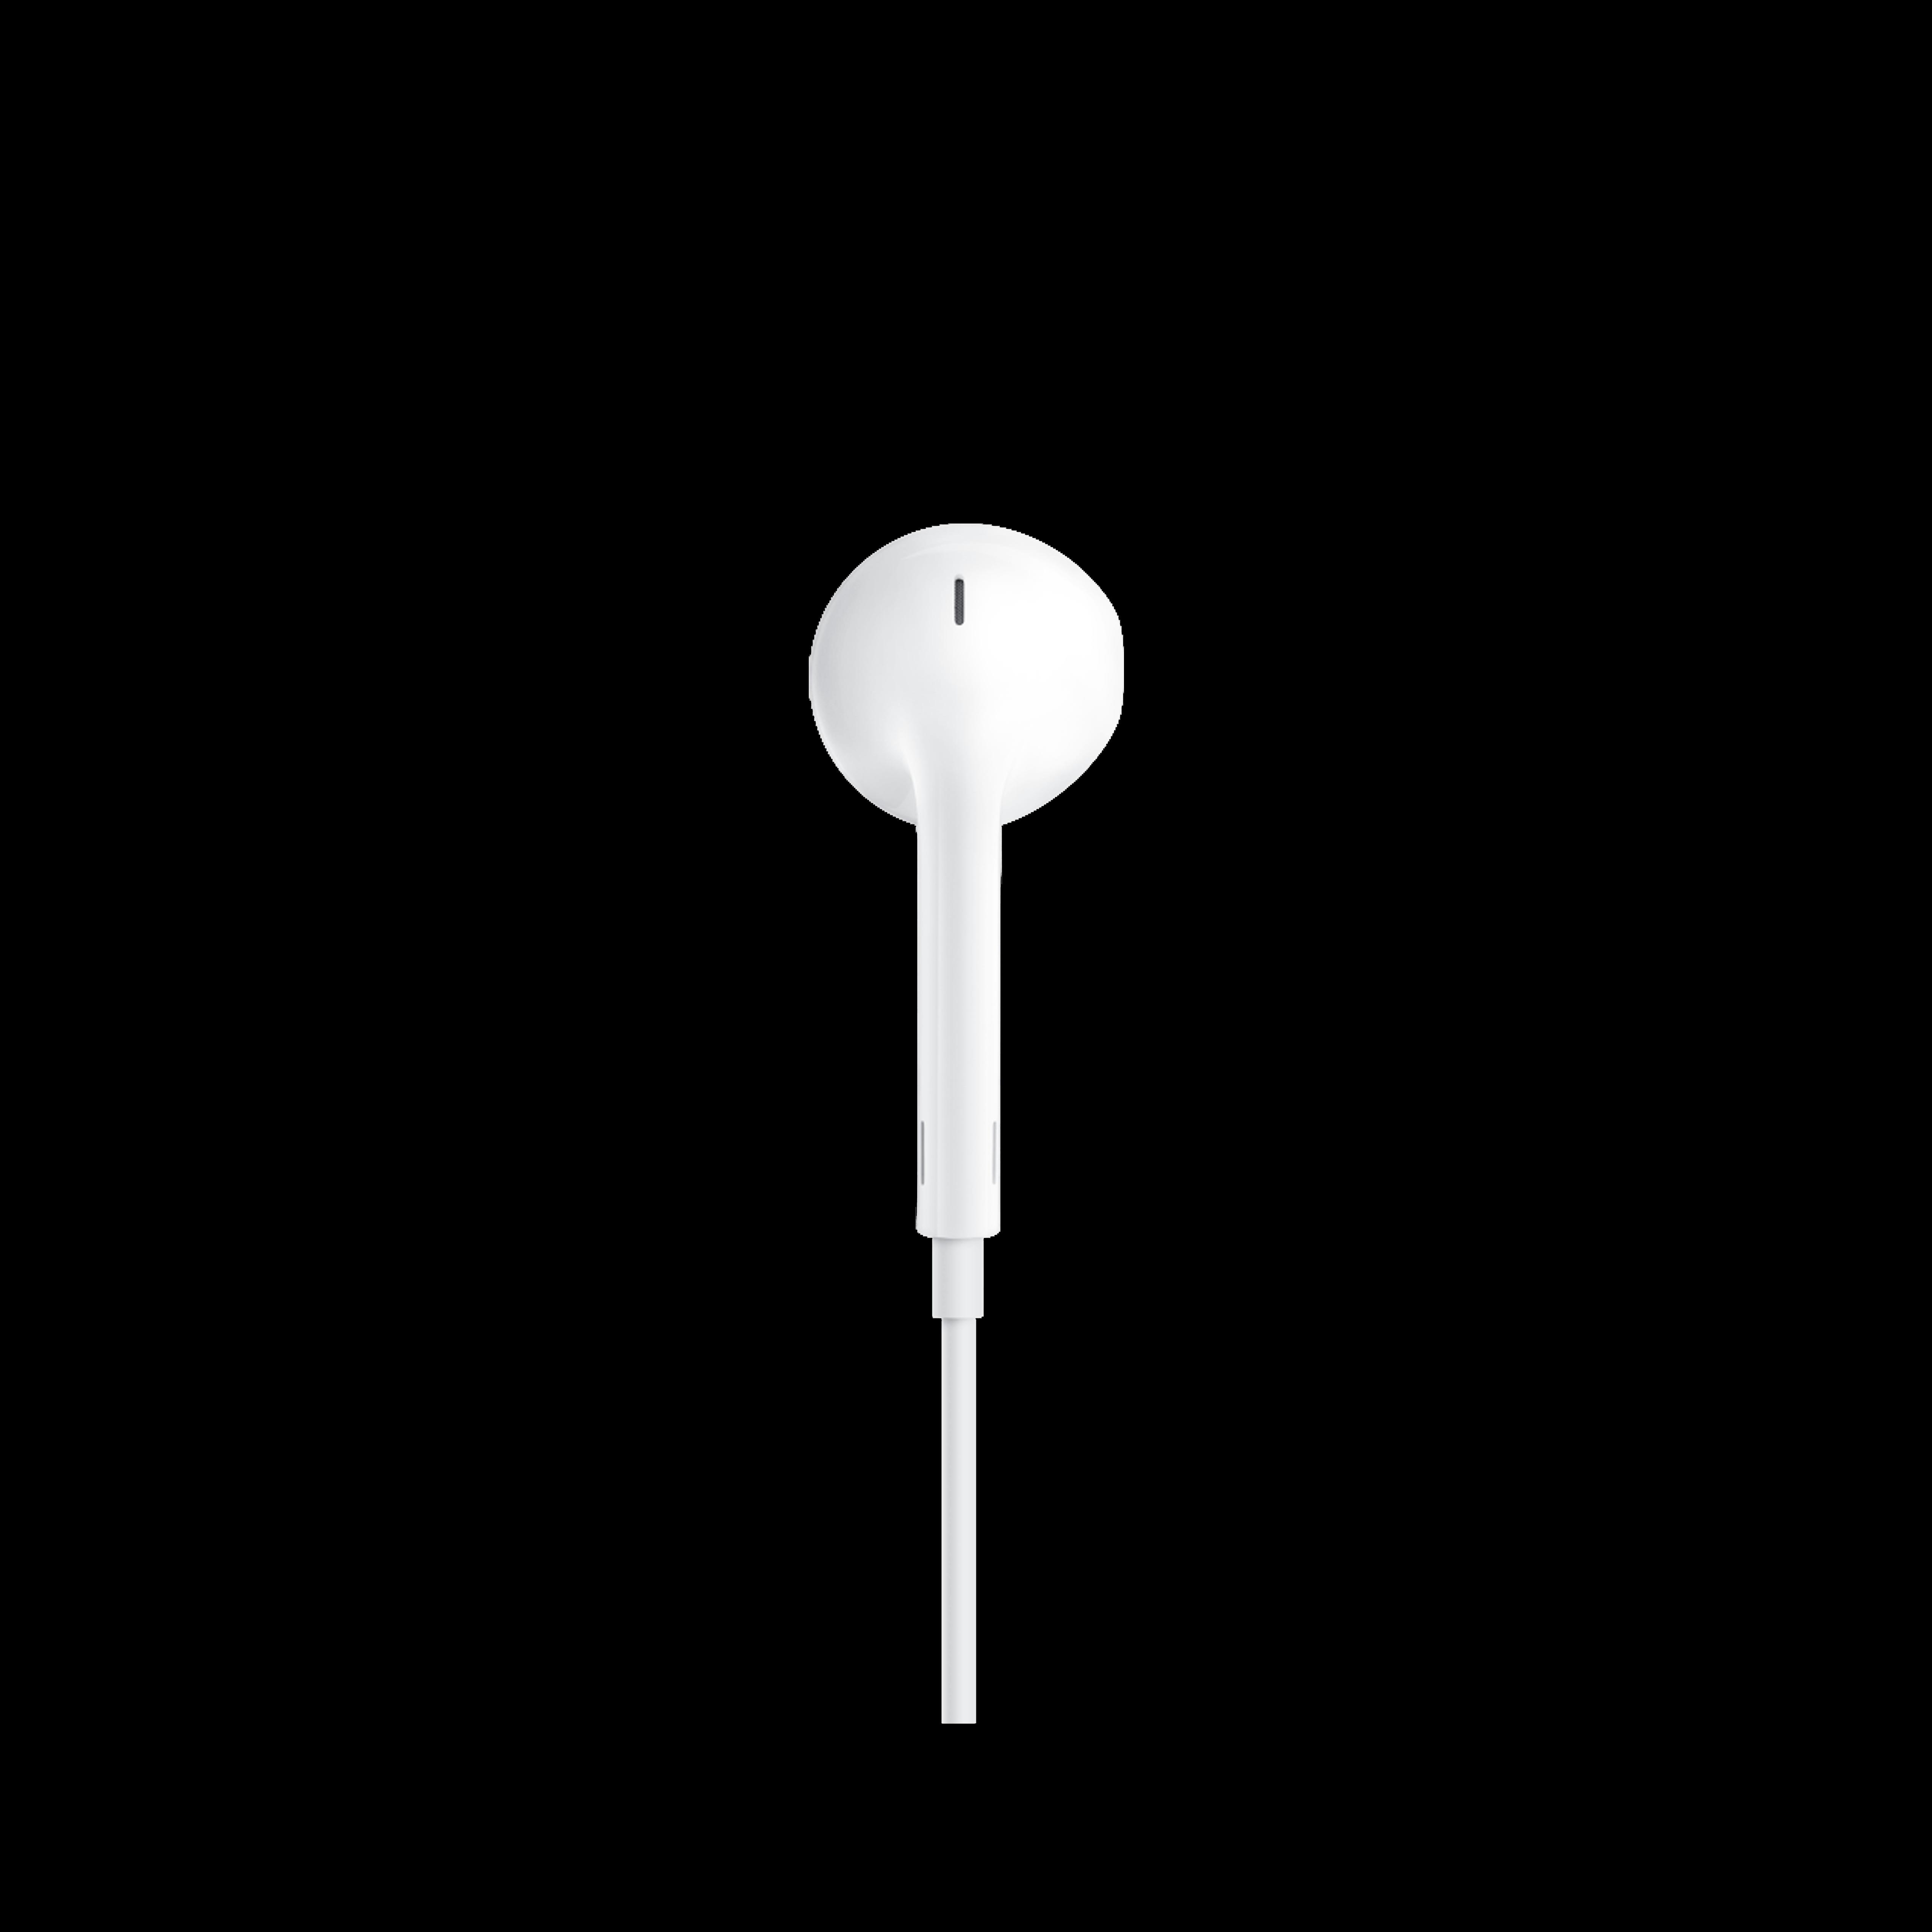 - Audífonos Apple Earpods con conector de 3.5 mm 3